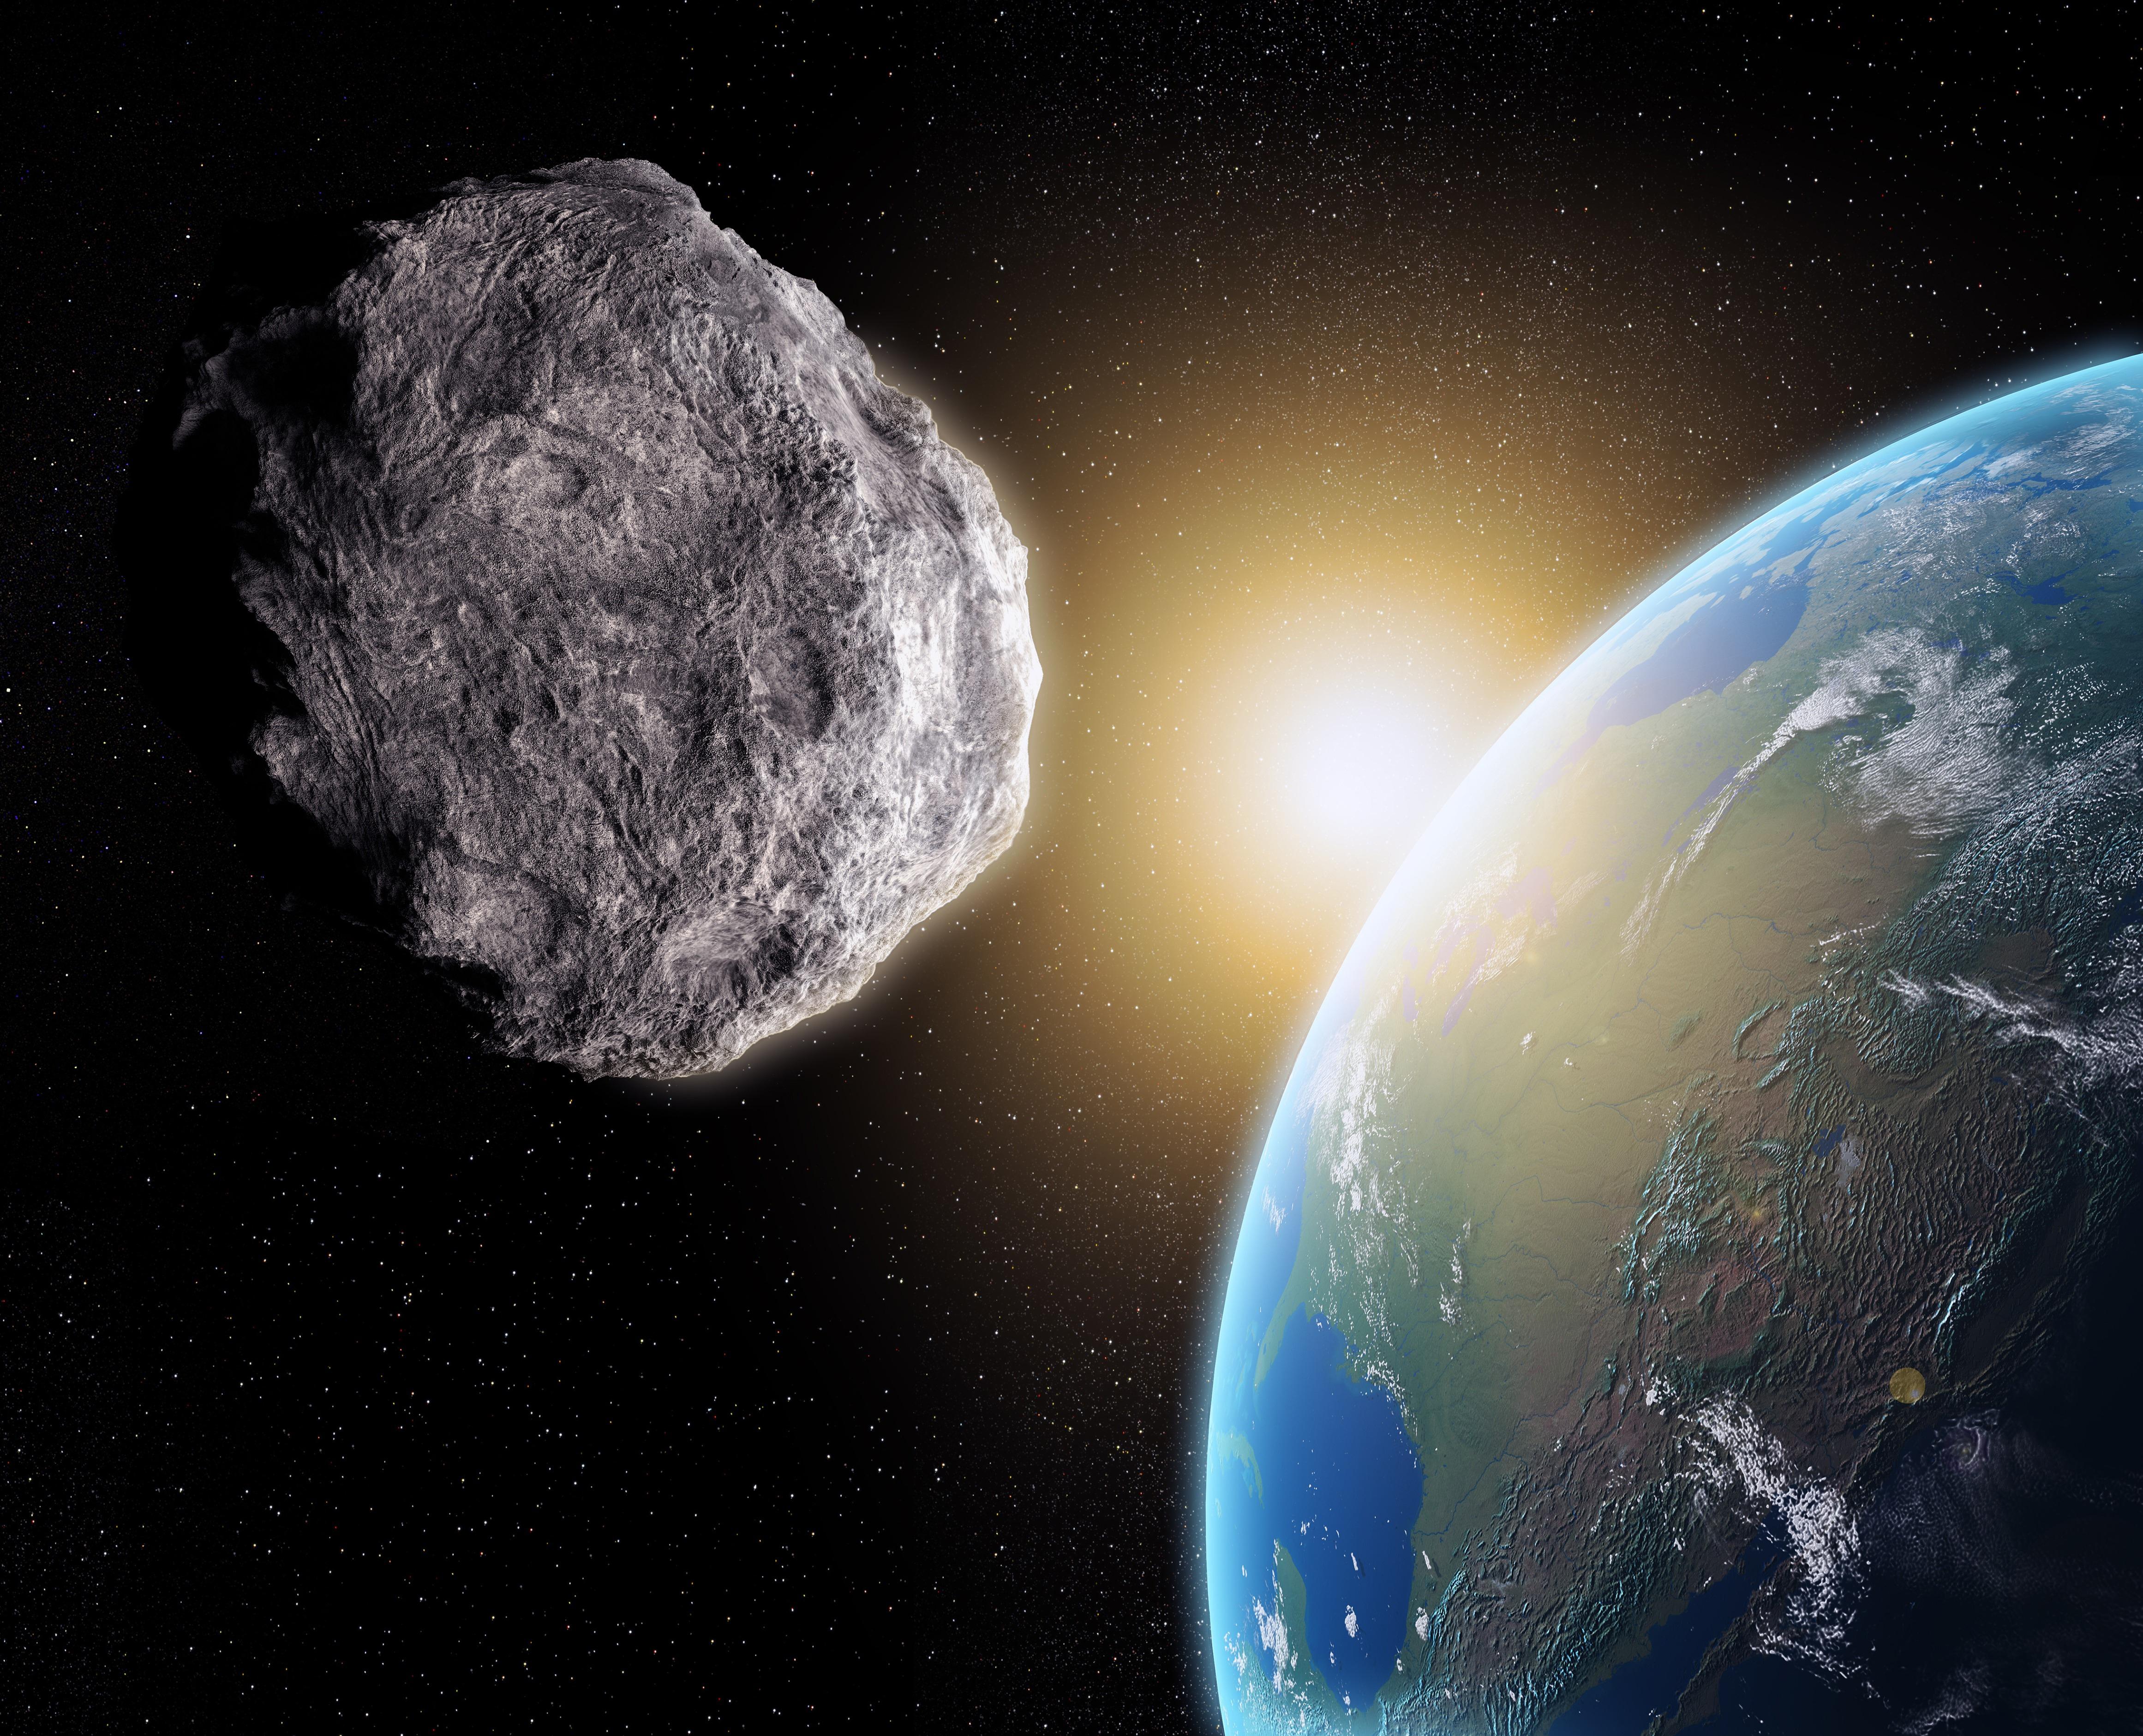 Asteroid rendering